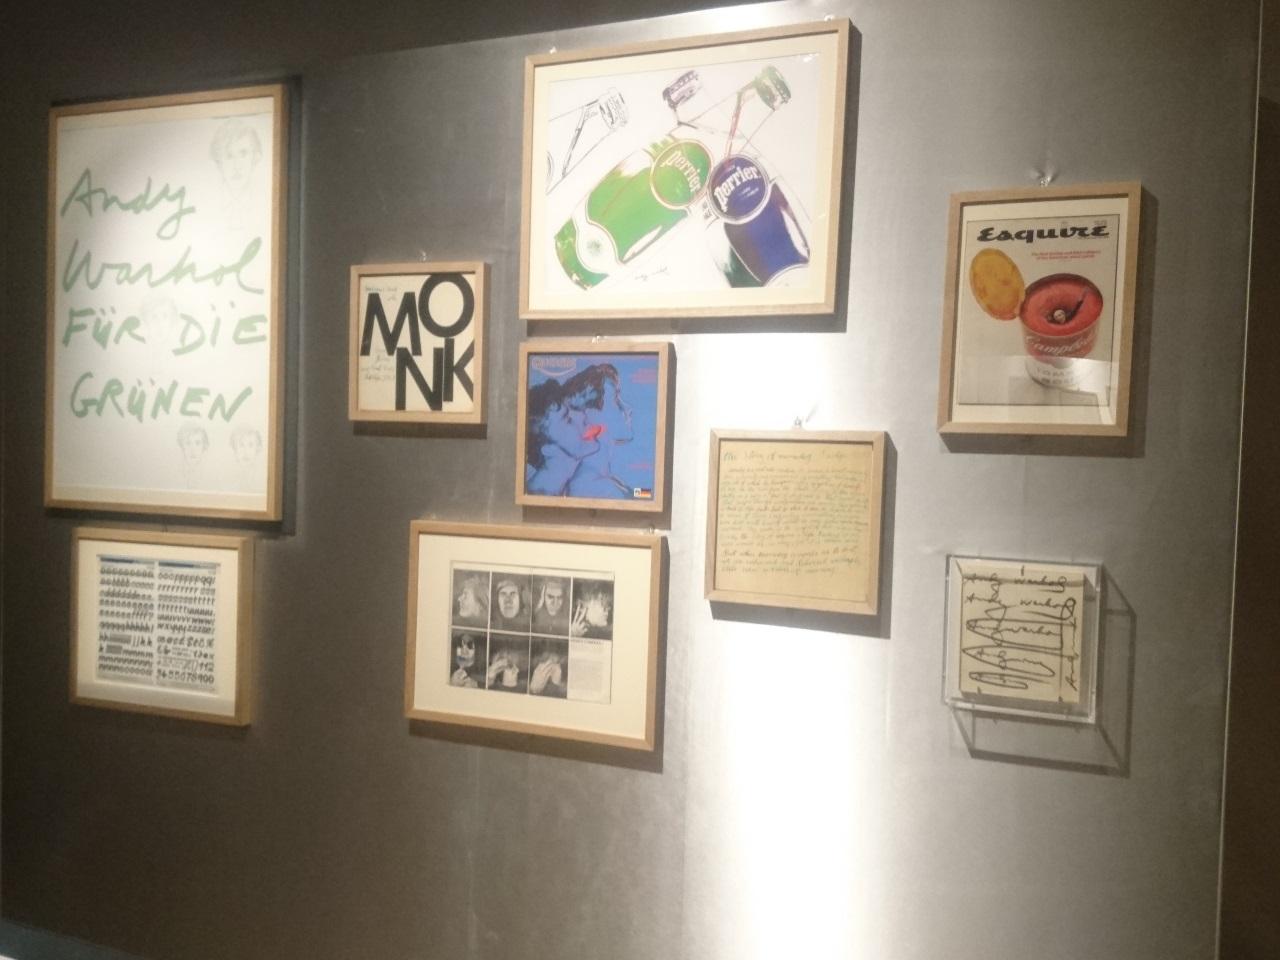 Paul Maréchal présente sa collection au musée de l'imprimerie - LyonMag